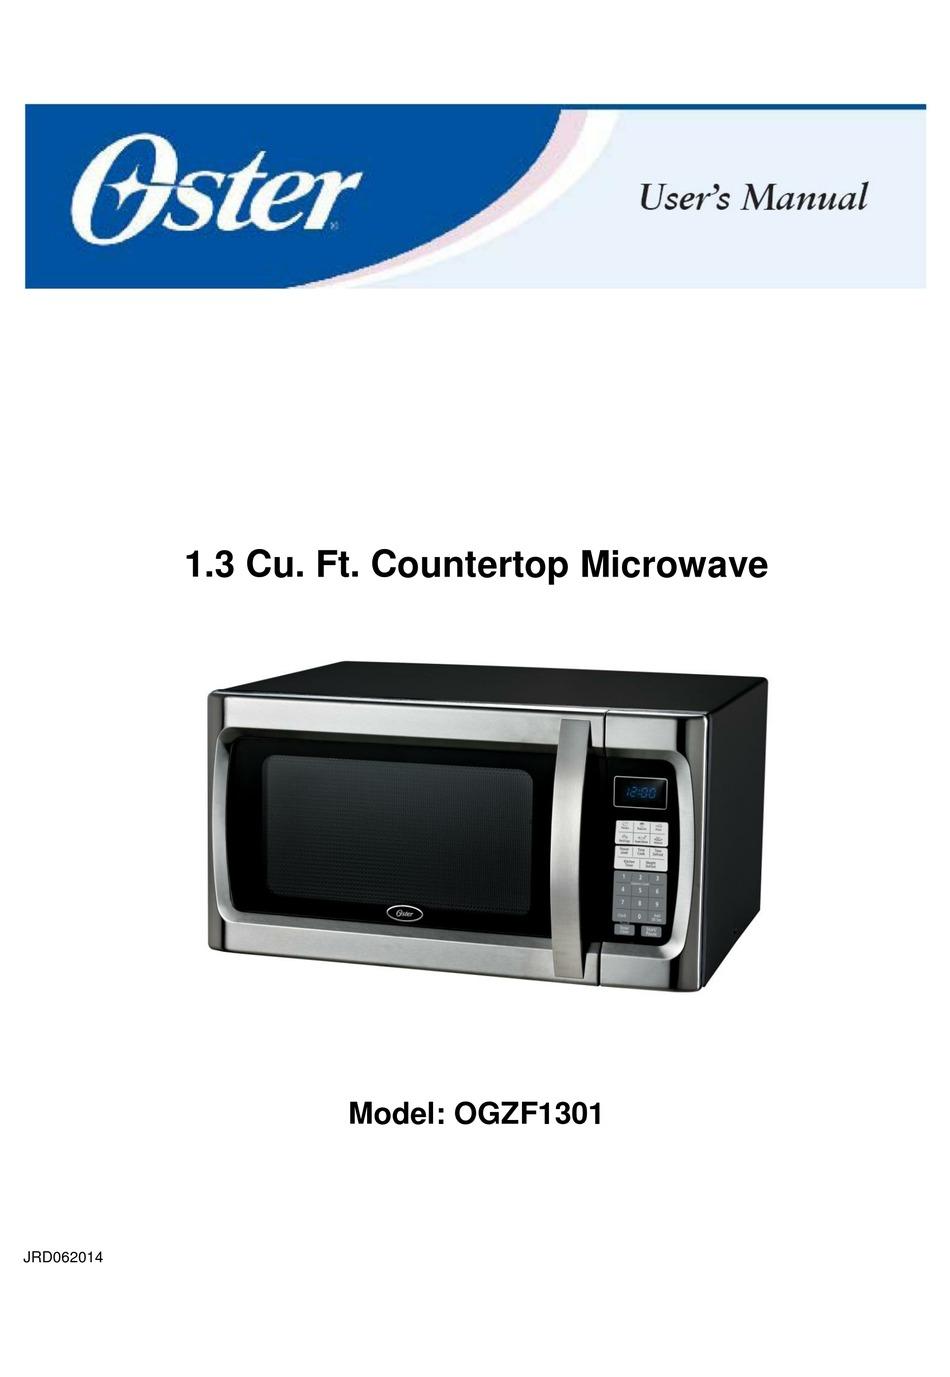 oster ogzf1301 user manual pdf download